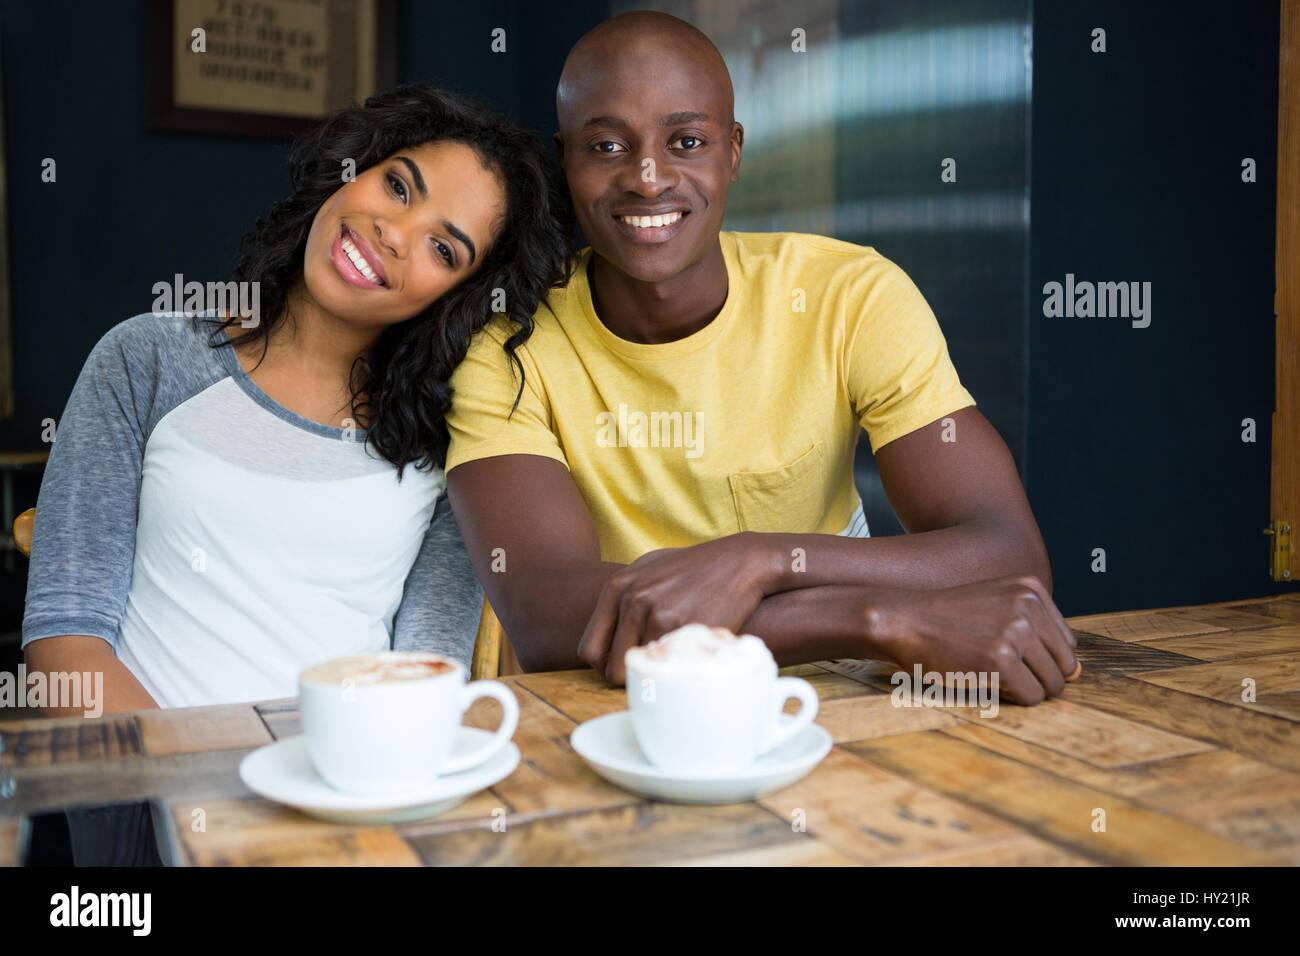 Ritratto di felice amare giovane seduto a tavola in un coffee shop Immagini Stock